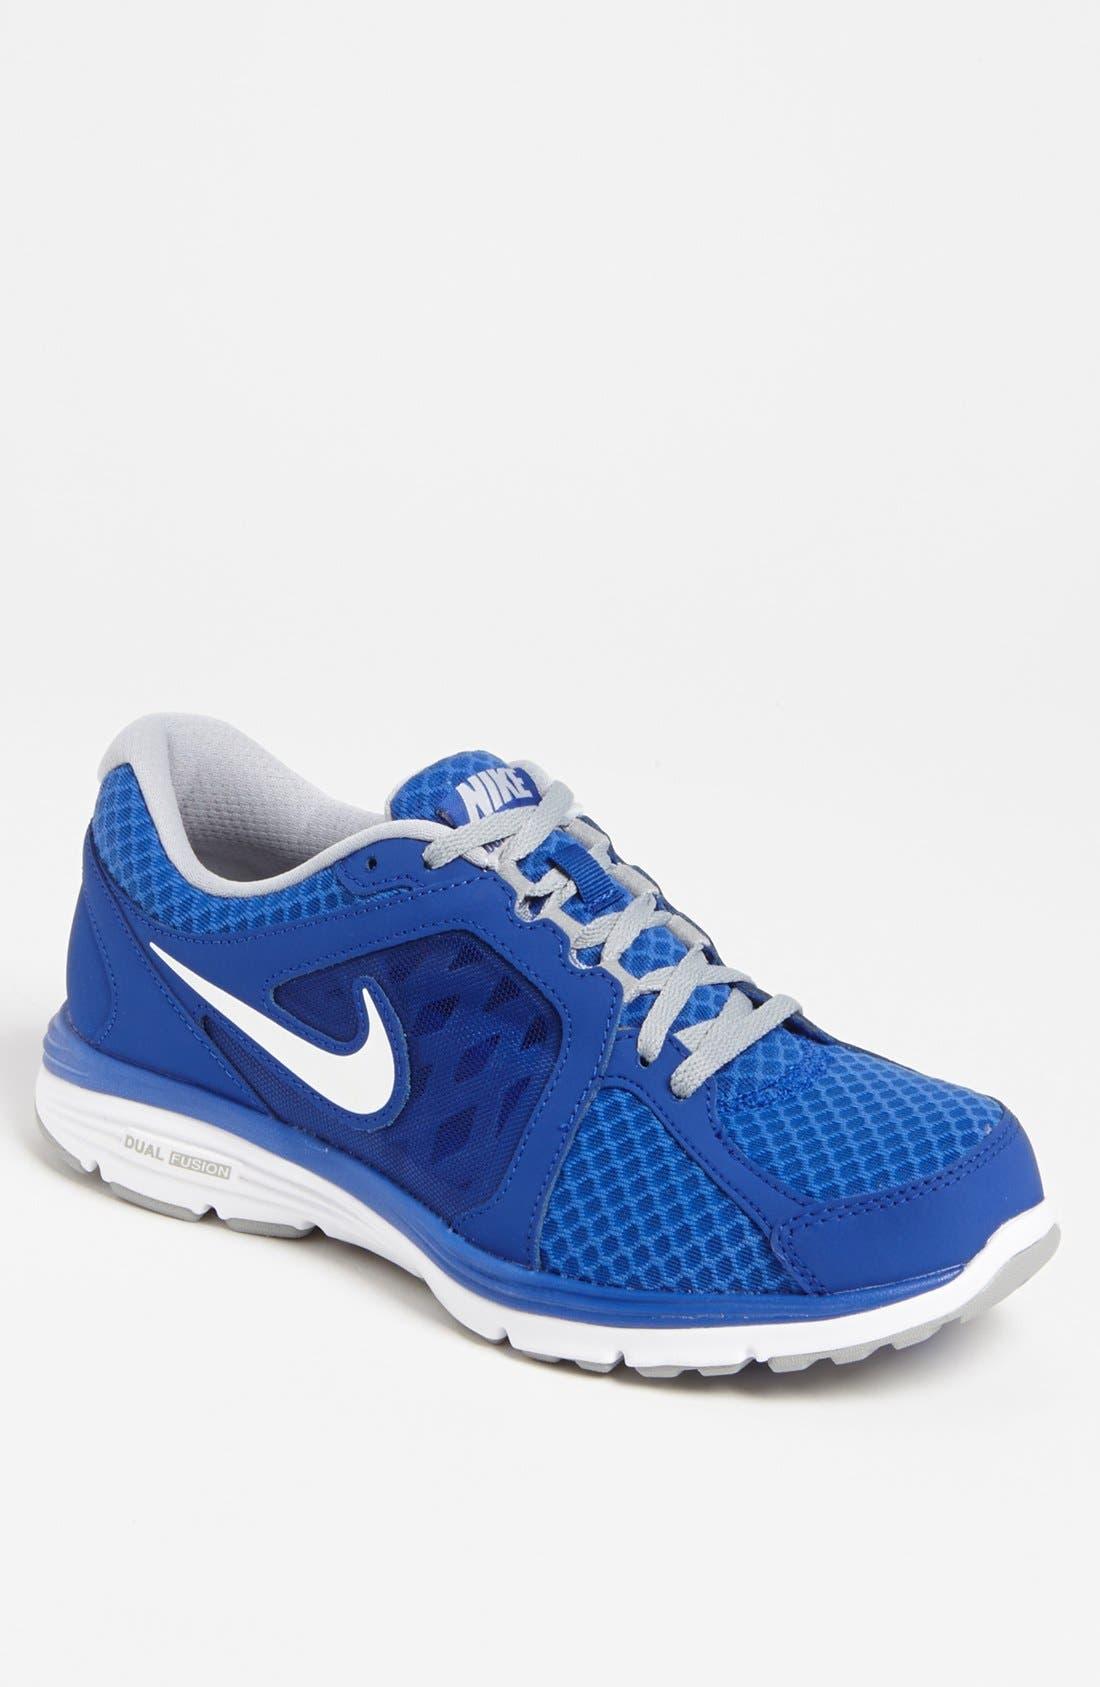 Main Image - Nike 'Dual Fusion Run Breathe' Running Shoe (Men)